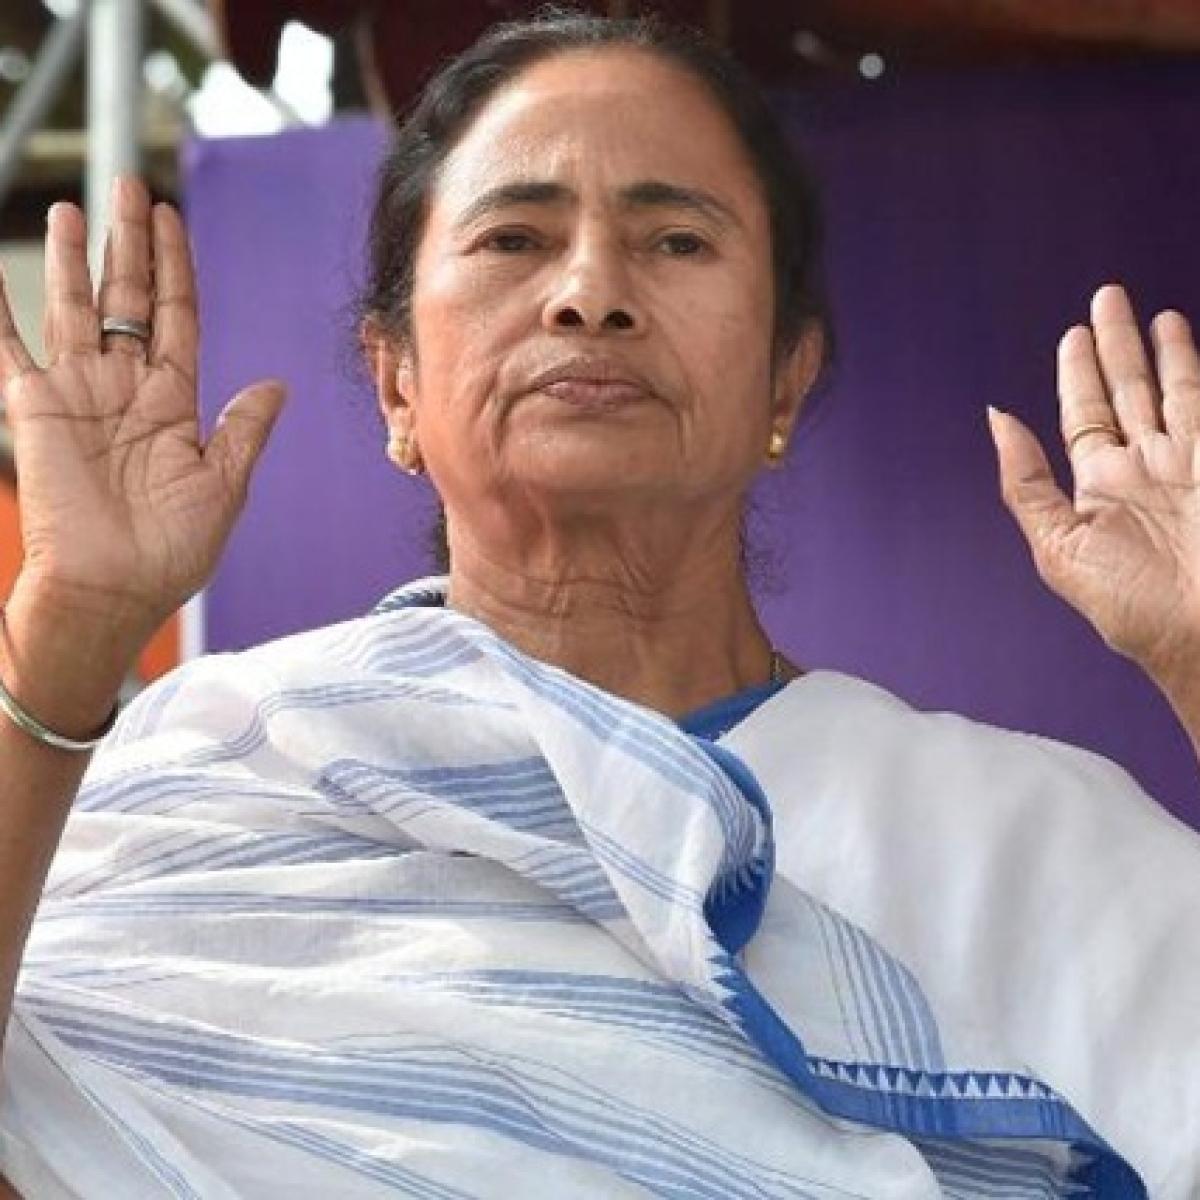 'Abhishek Babu': Mamata Banerjee commits gaffe on Nobel laureate's name